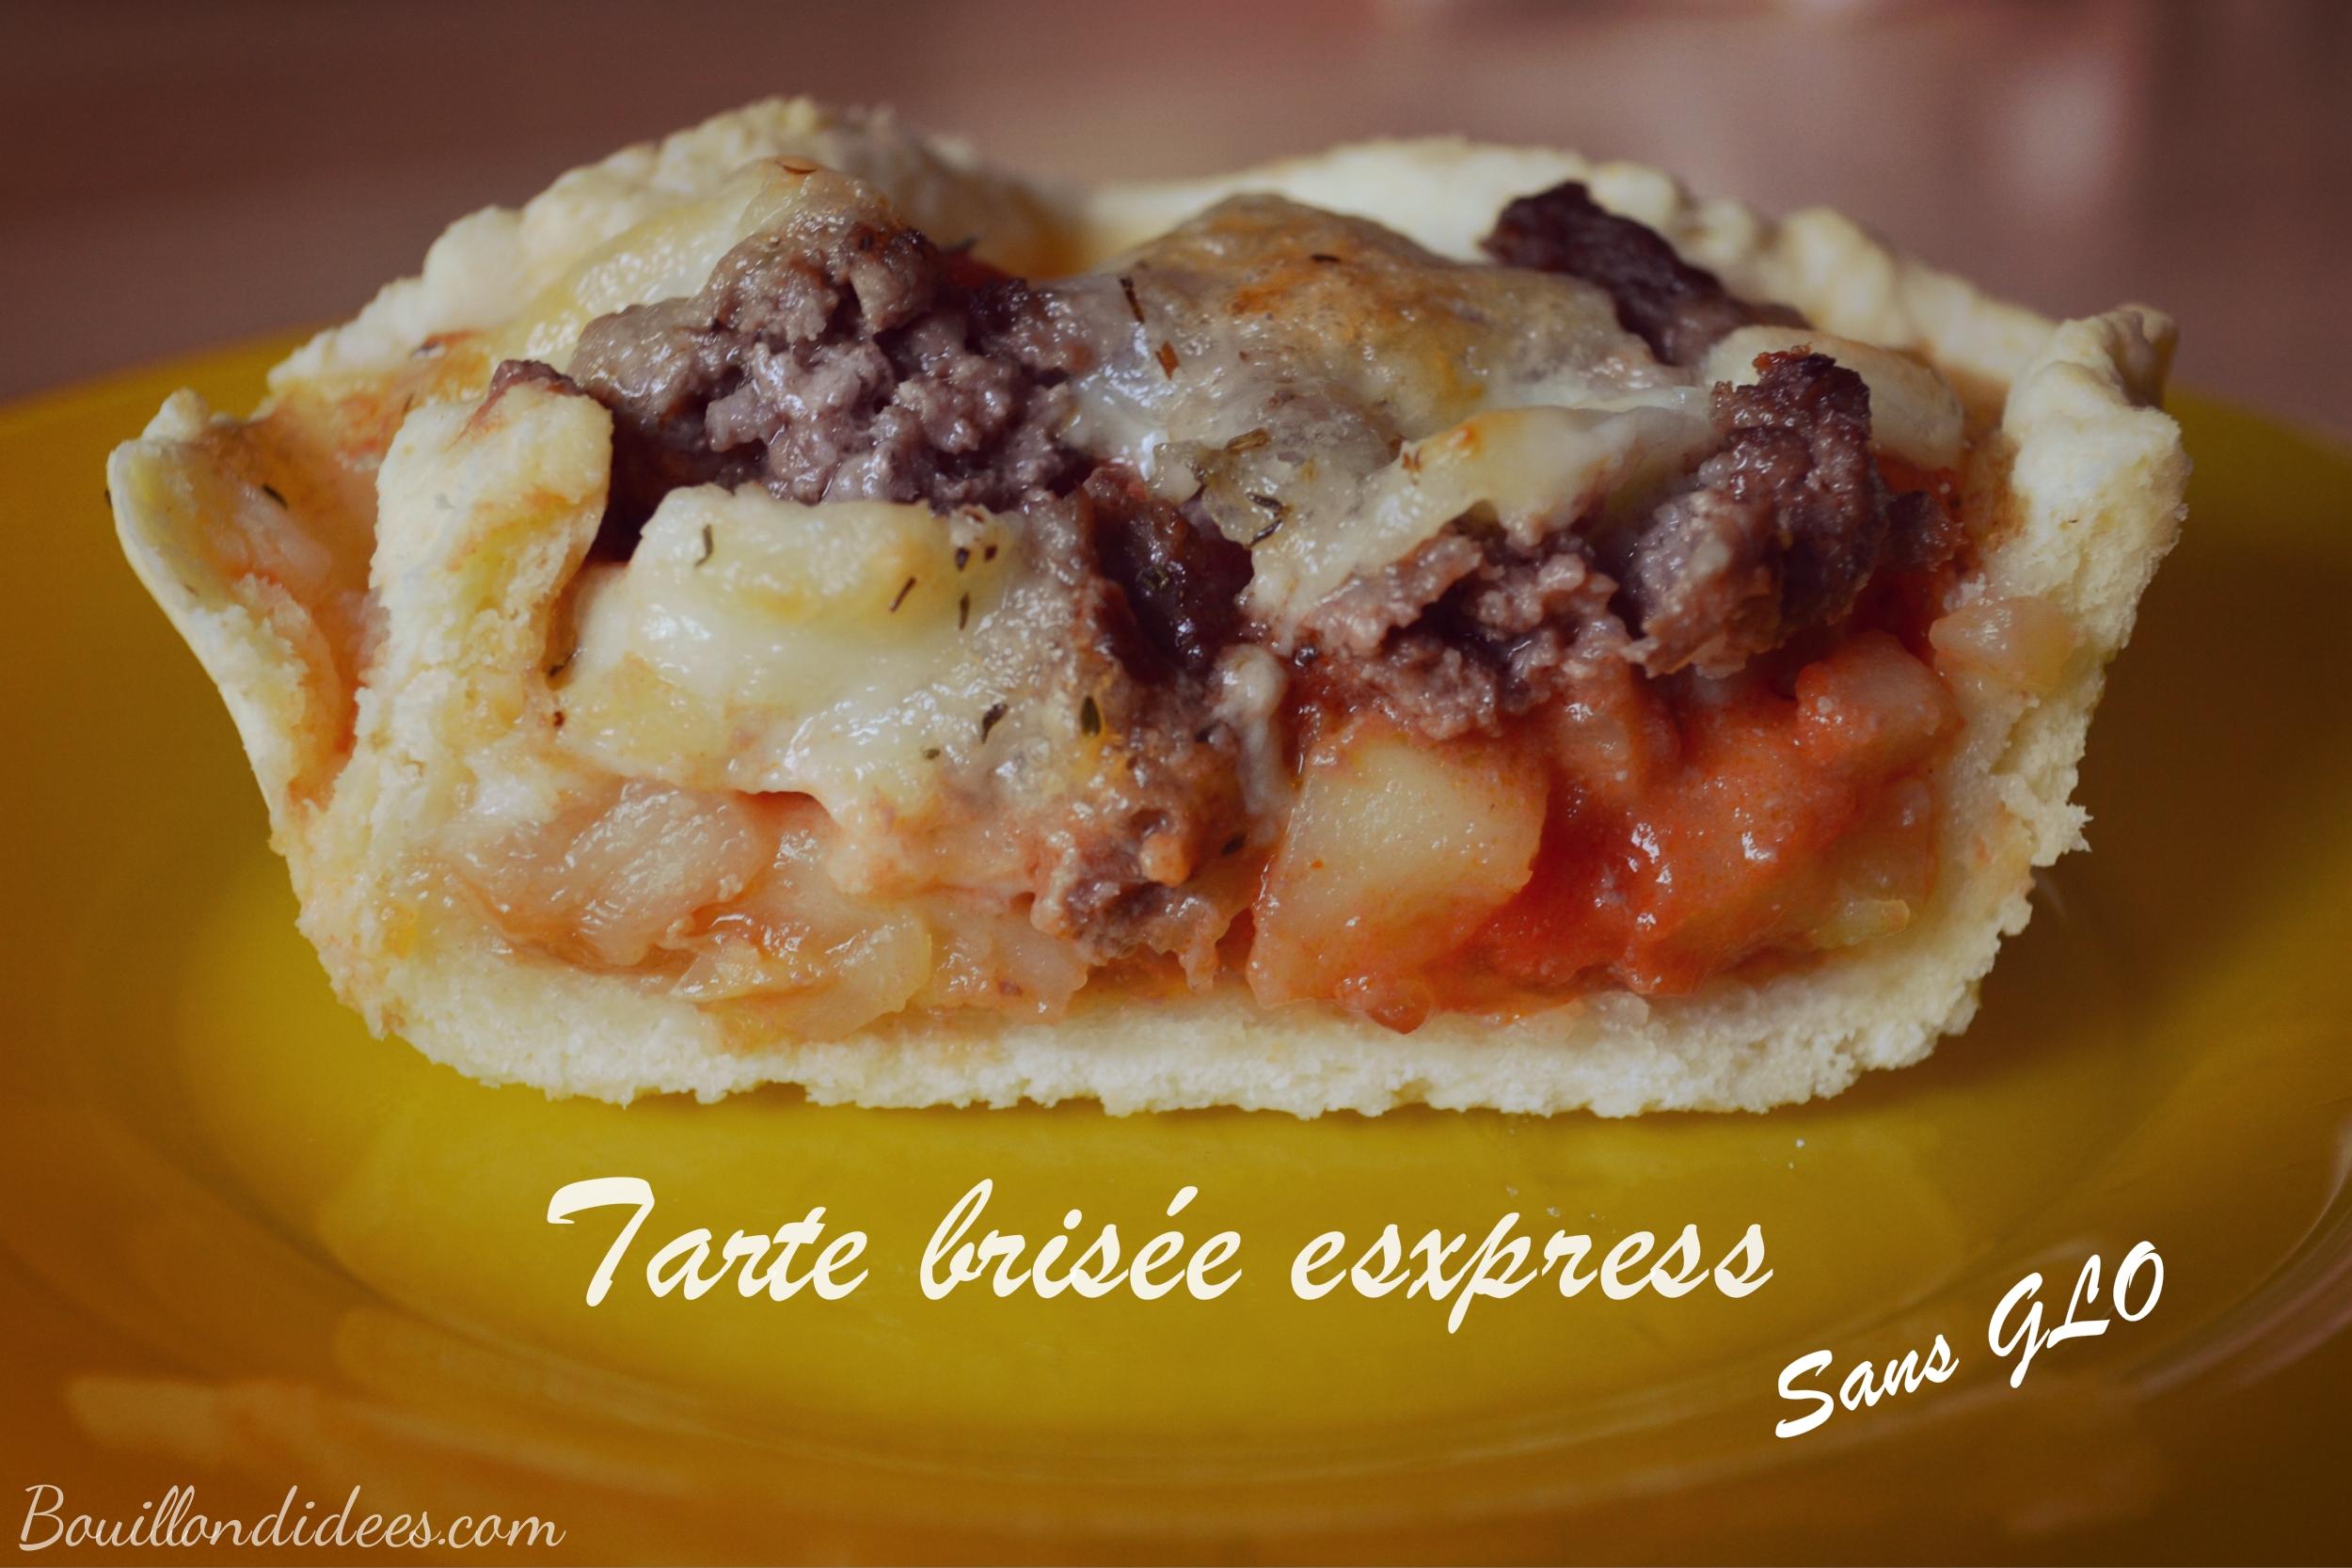 Tarte Brisee Express Sans Glo Sans Gluten Lait Ni œuf